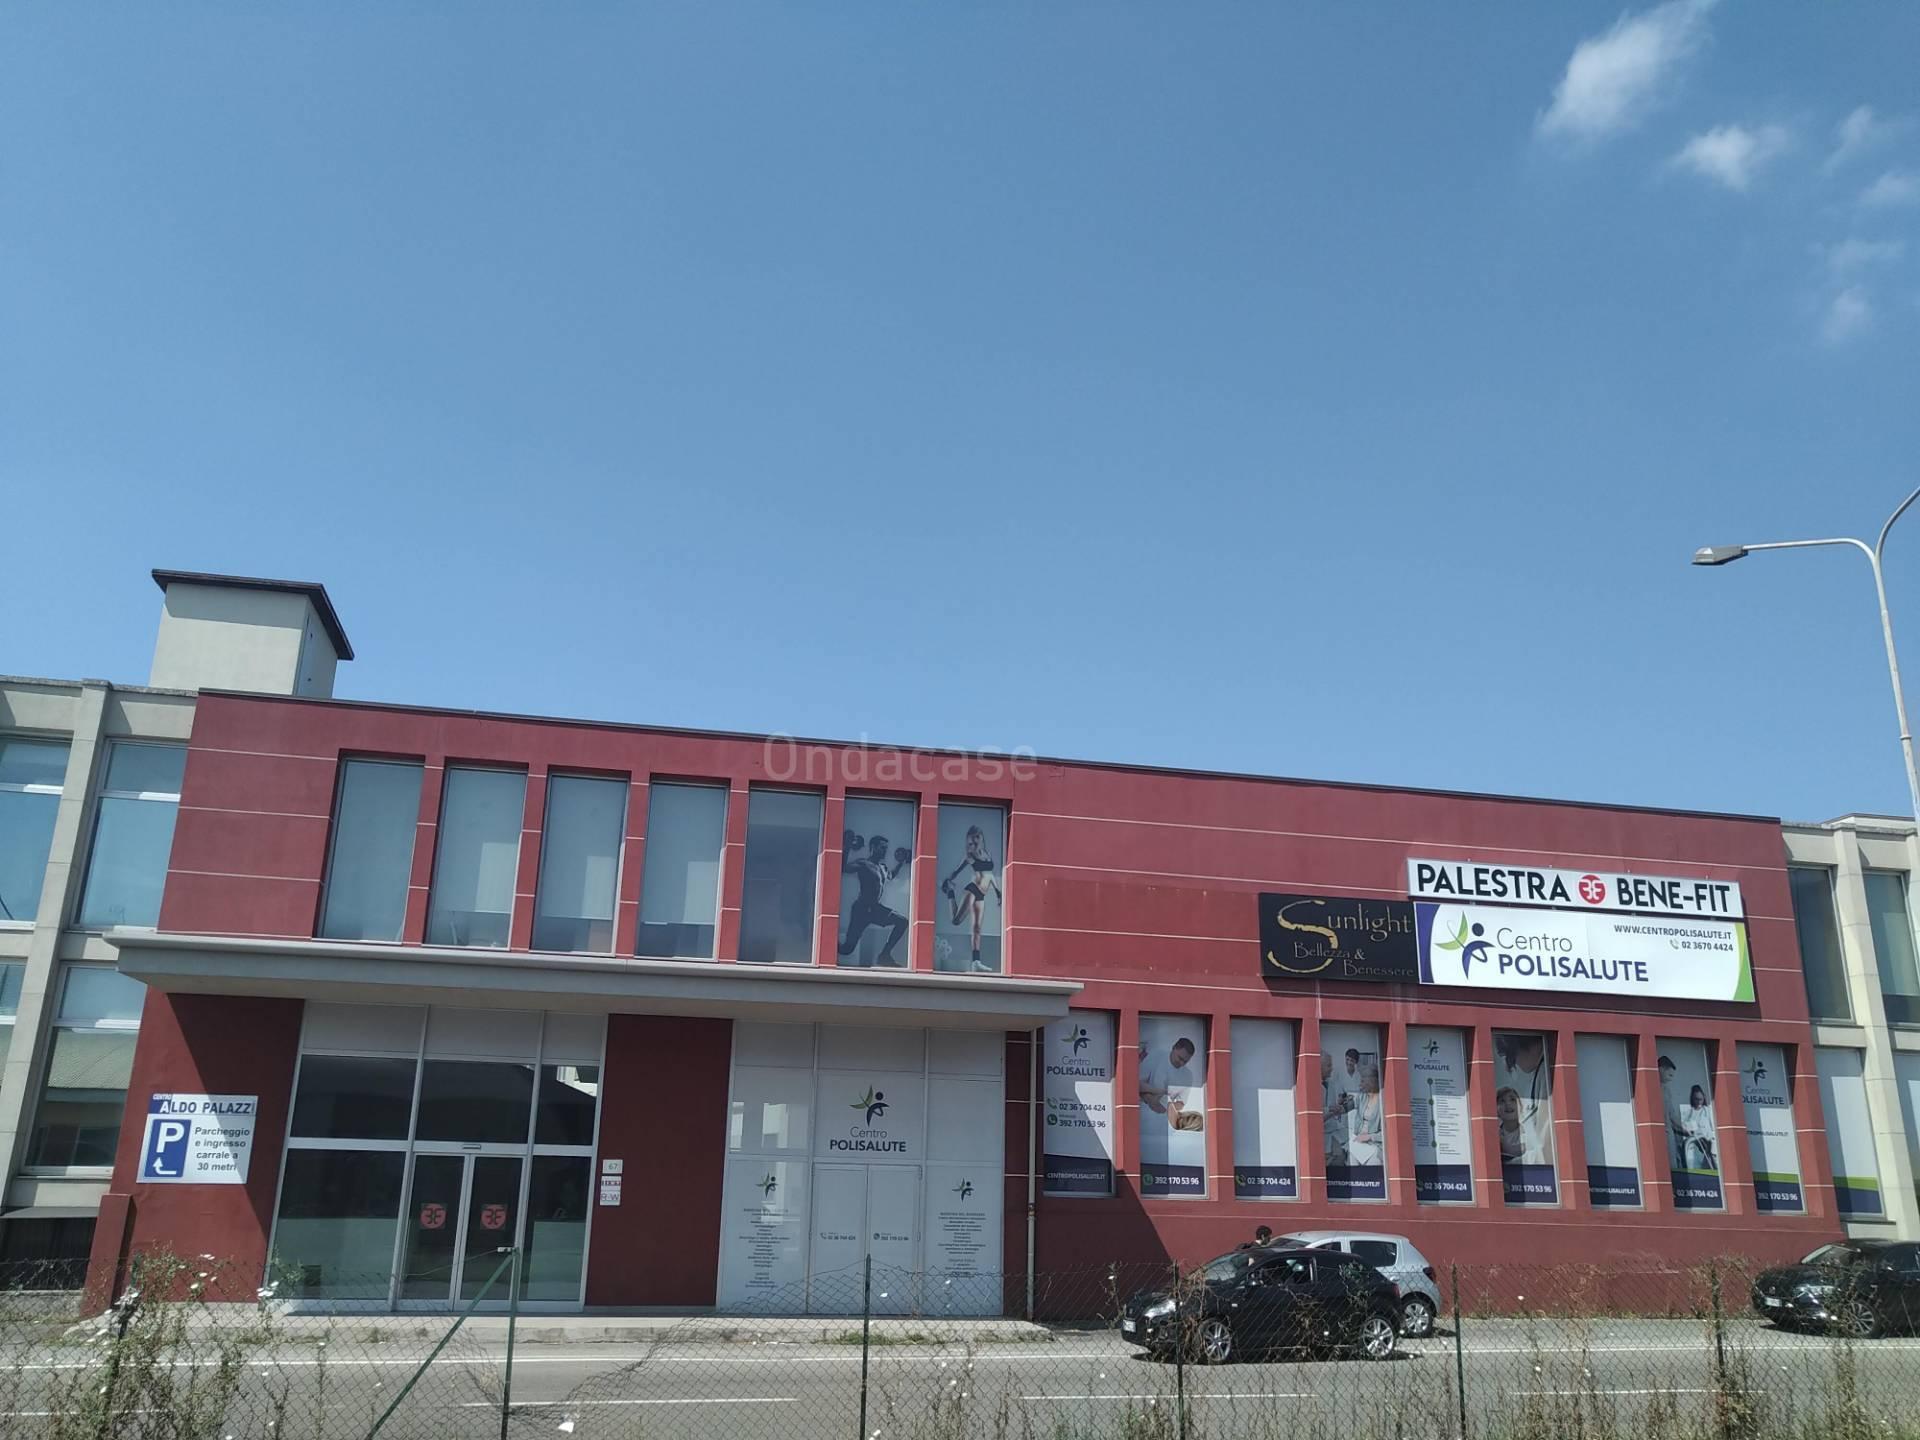 Studio Ufficio In Affitto A Cinisello Balsamo Cod 433